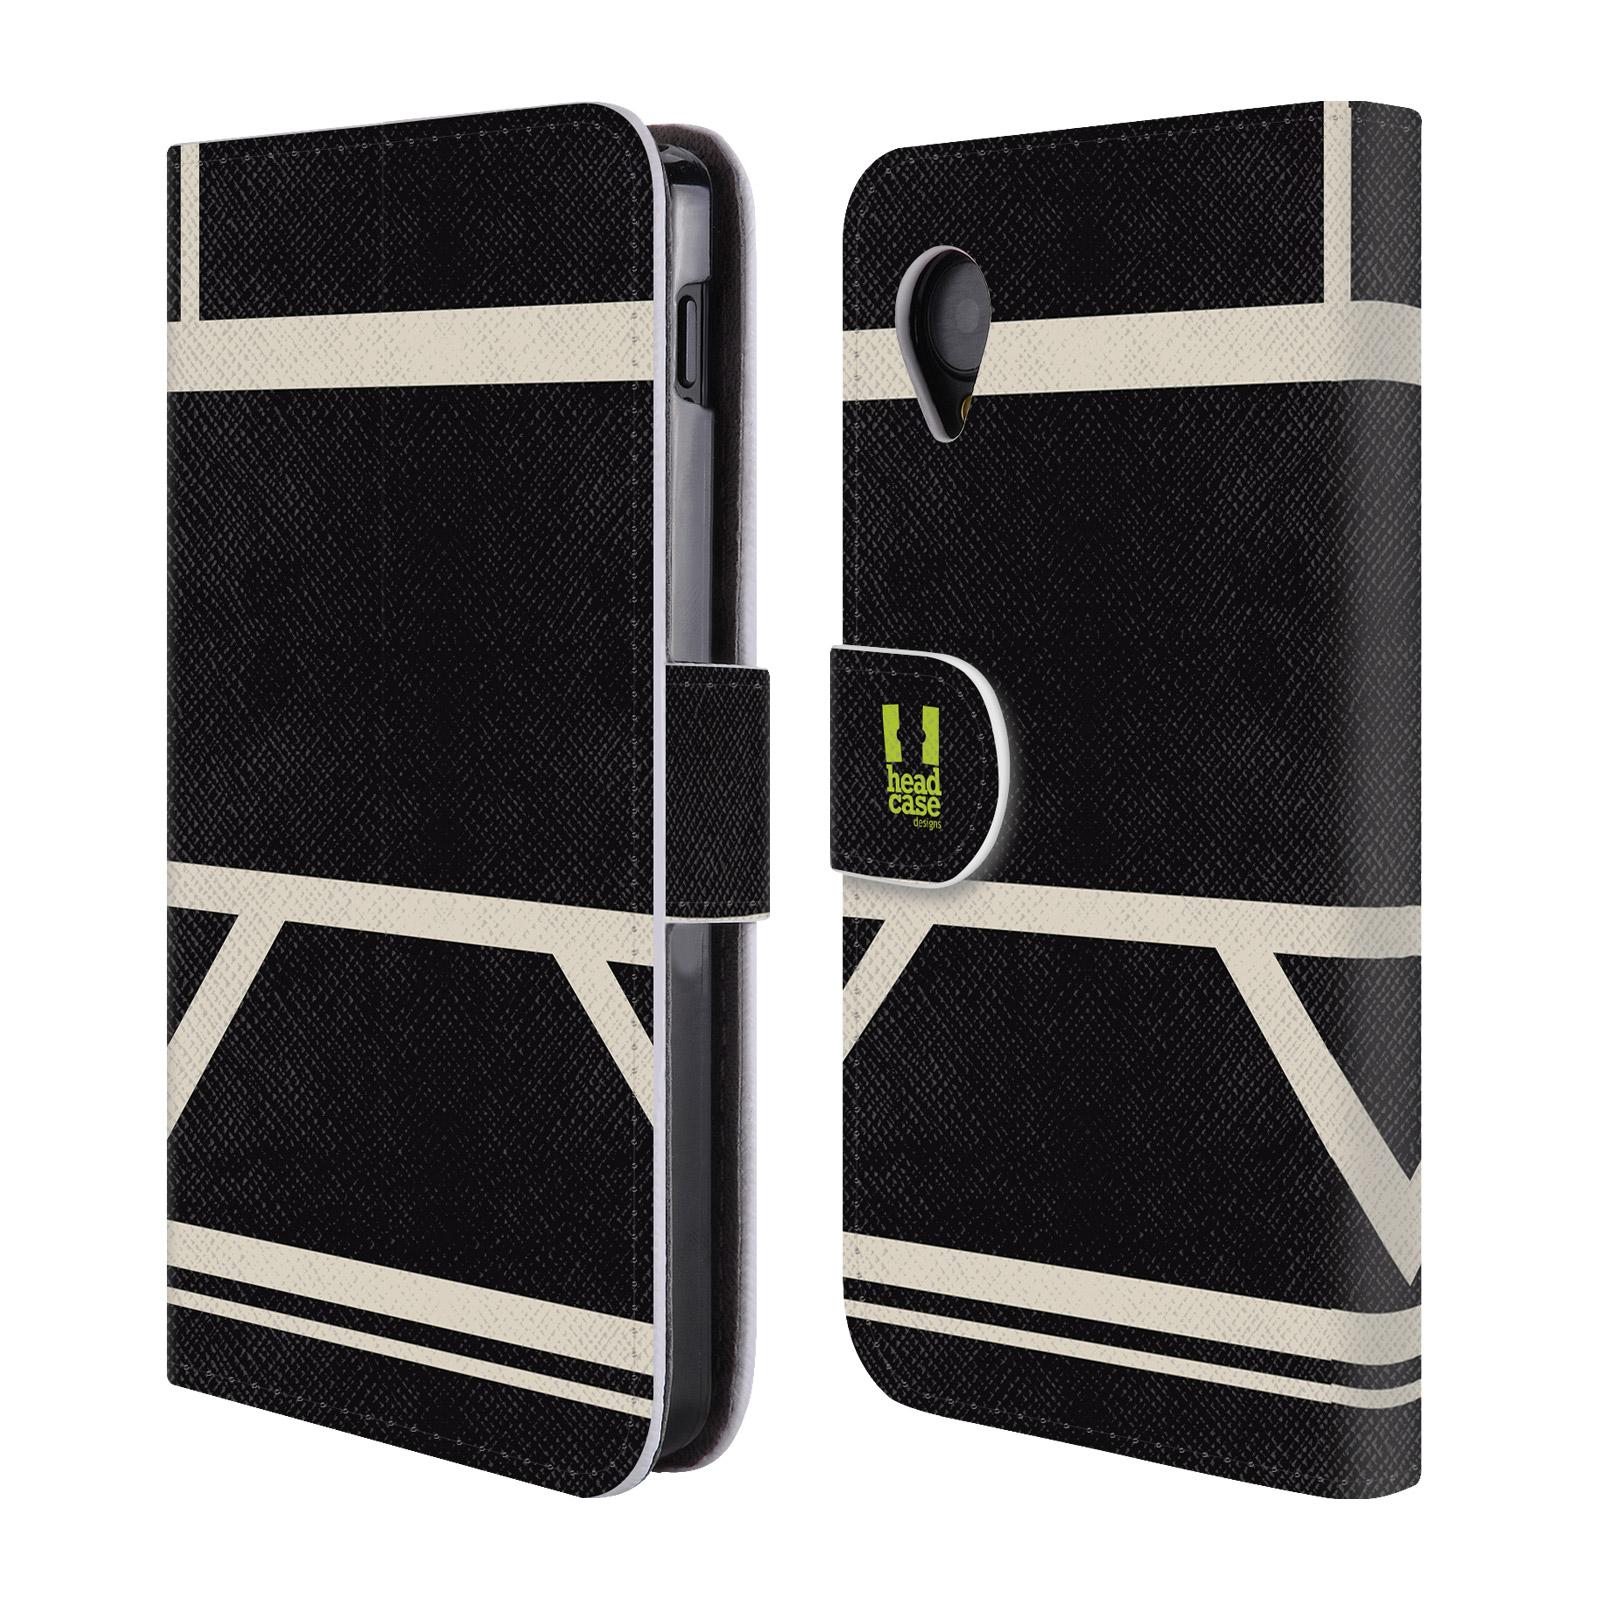 HEAD CASE Flipové pouzdro pro mobil LG GOOGLE NEXUS 5 barevné tvary černá a bílá proužek